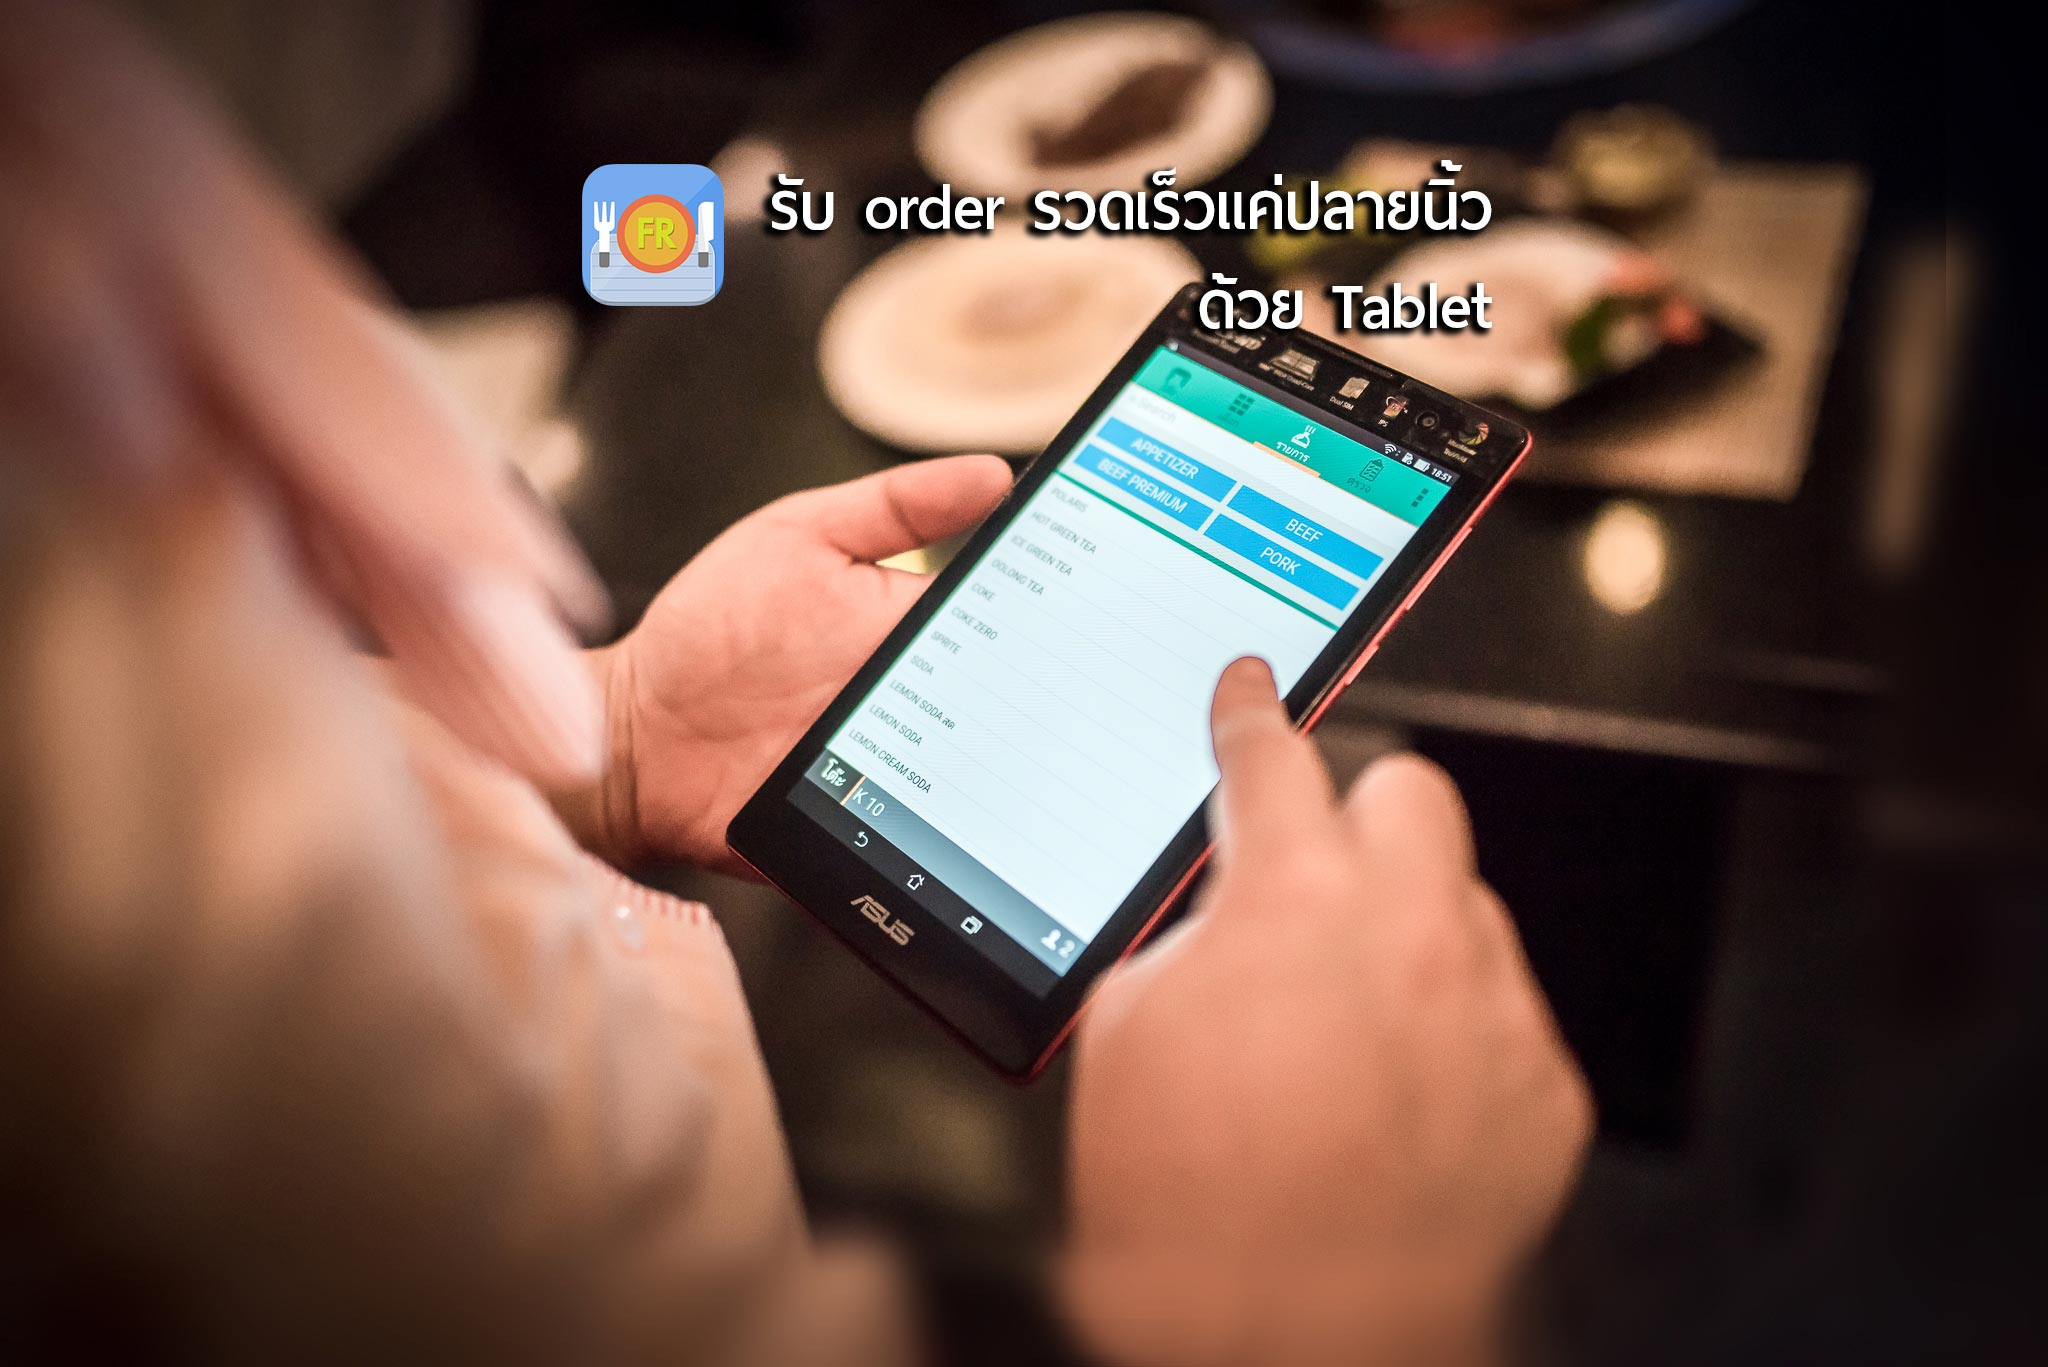 ทำร้านอาหารต้องมีกำไร ระบบ FR Mobile Order เพิ่มโอกาสทำกำไร